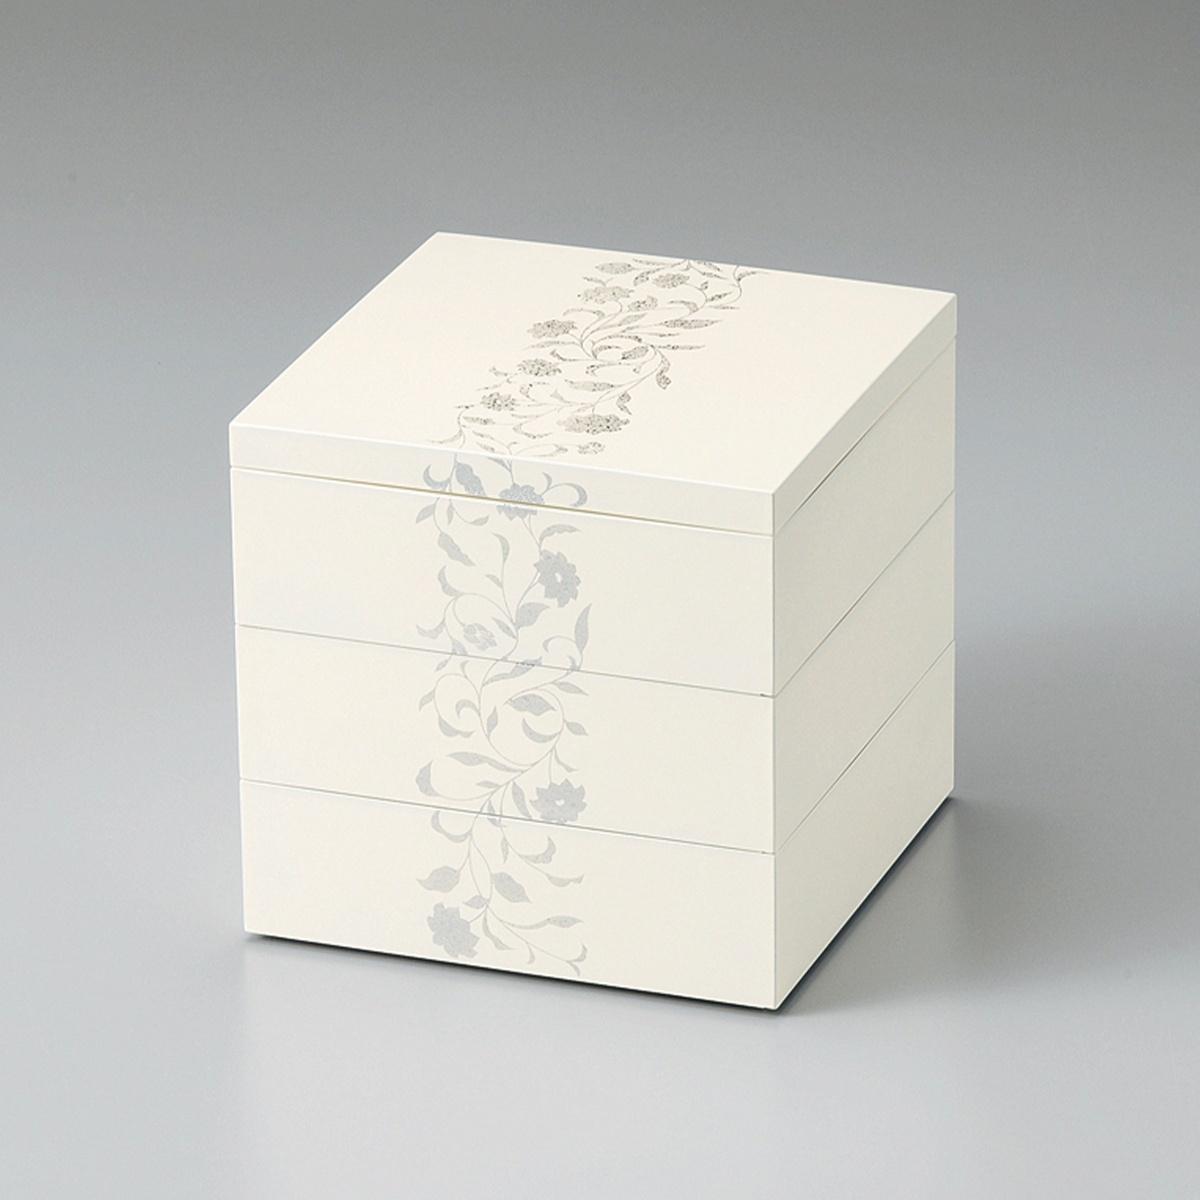 【ポイント 3倍中!更にクーポン】アールデコ 5.5寸三段重(ホワイト)宮内庁御用達 重箱 日本製 来客 越前漆器 艶 上品 器 漆器 木合 高級 おすすめ おもてなし 正月 元旦 迎春 おせち パーティー 運動会 ピクニック お花見 かわいい